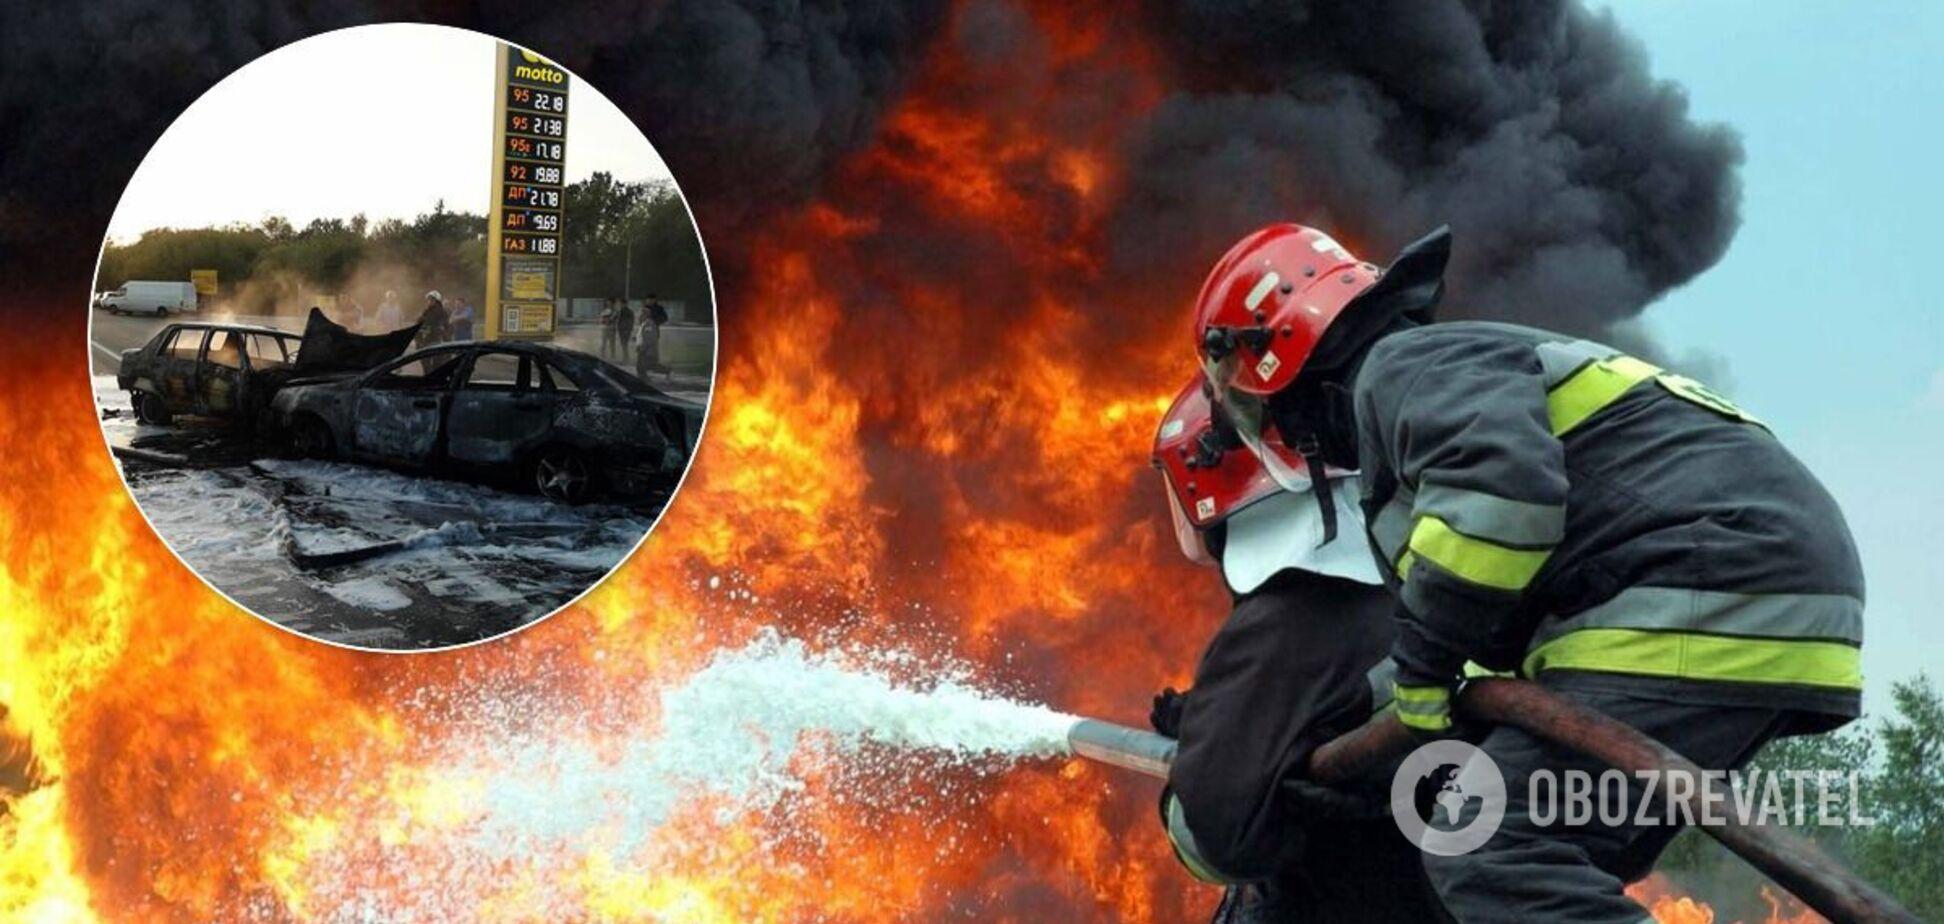 На Днепропетровщине водитель авто сгорел заживо после ДТП. Фото